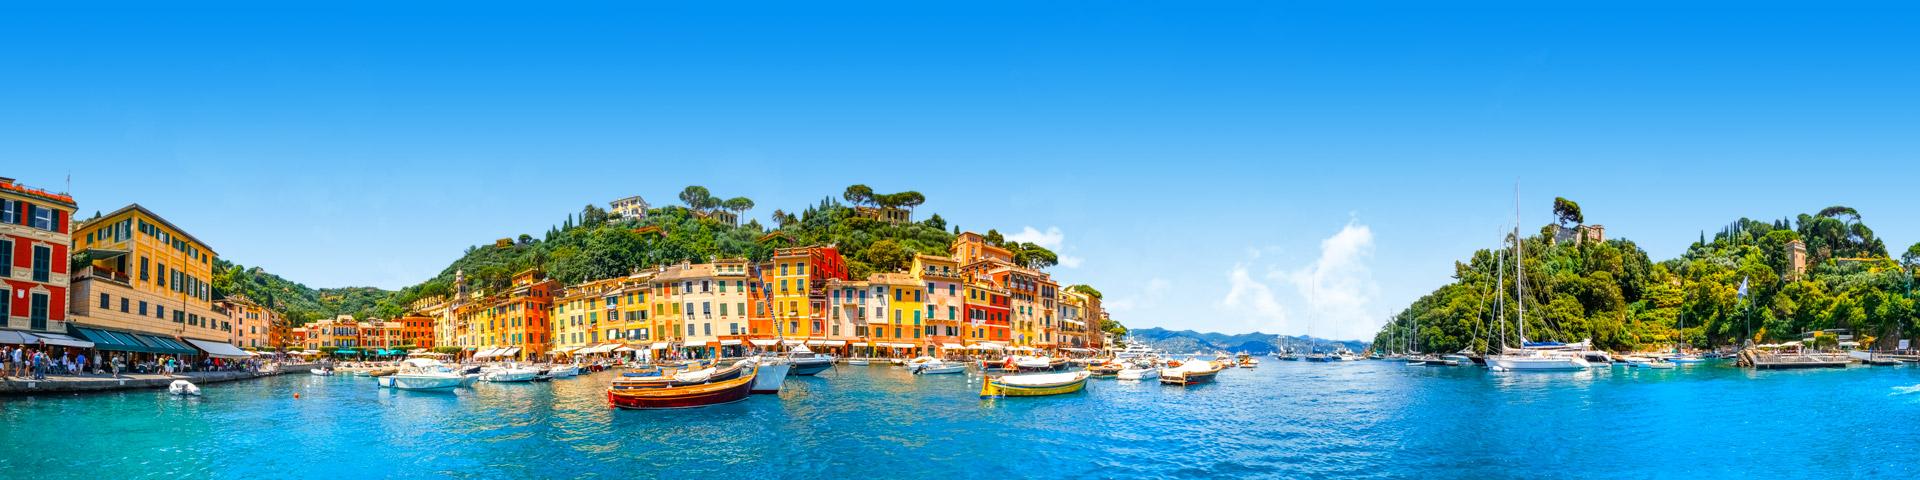 Dorpje aan een van de Italiaanse meren